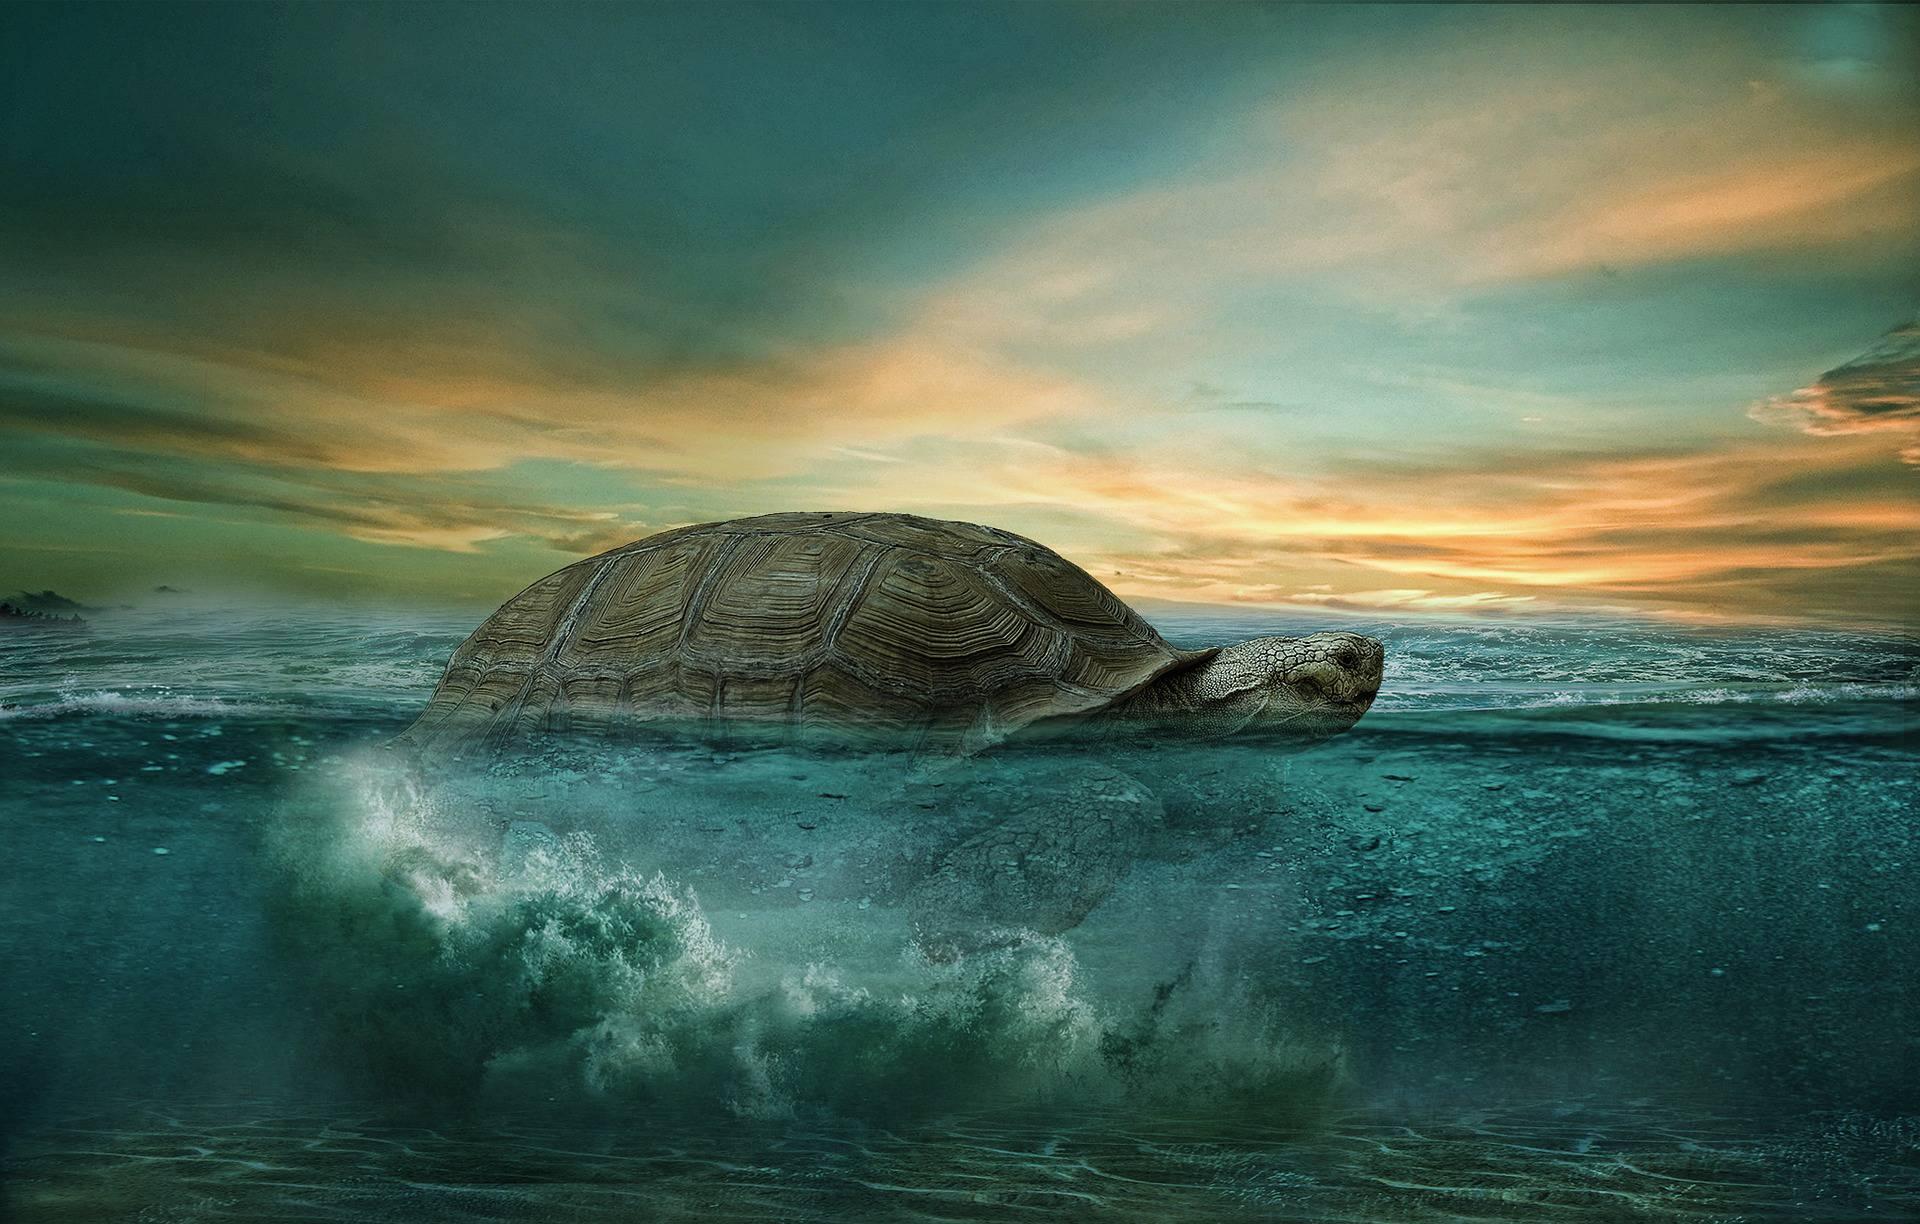 Krafttier Schildkröte – Symbolik und Bedeutung